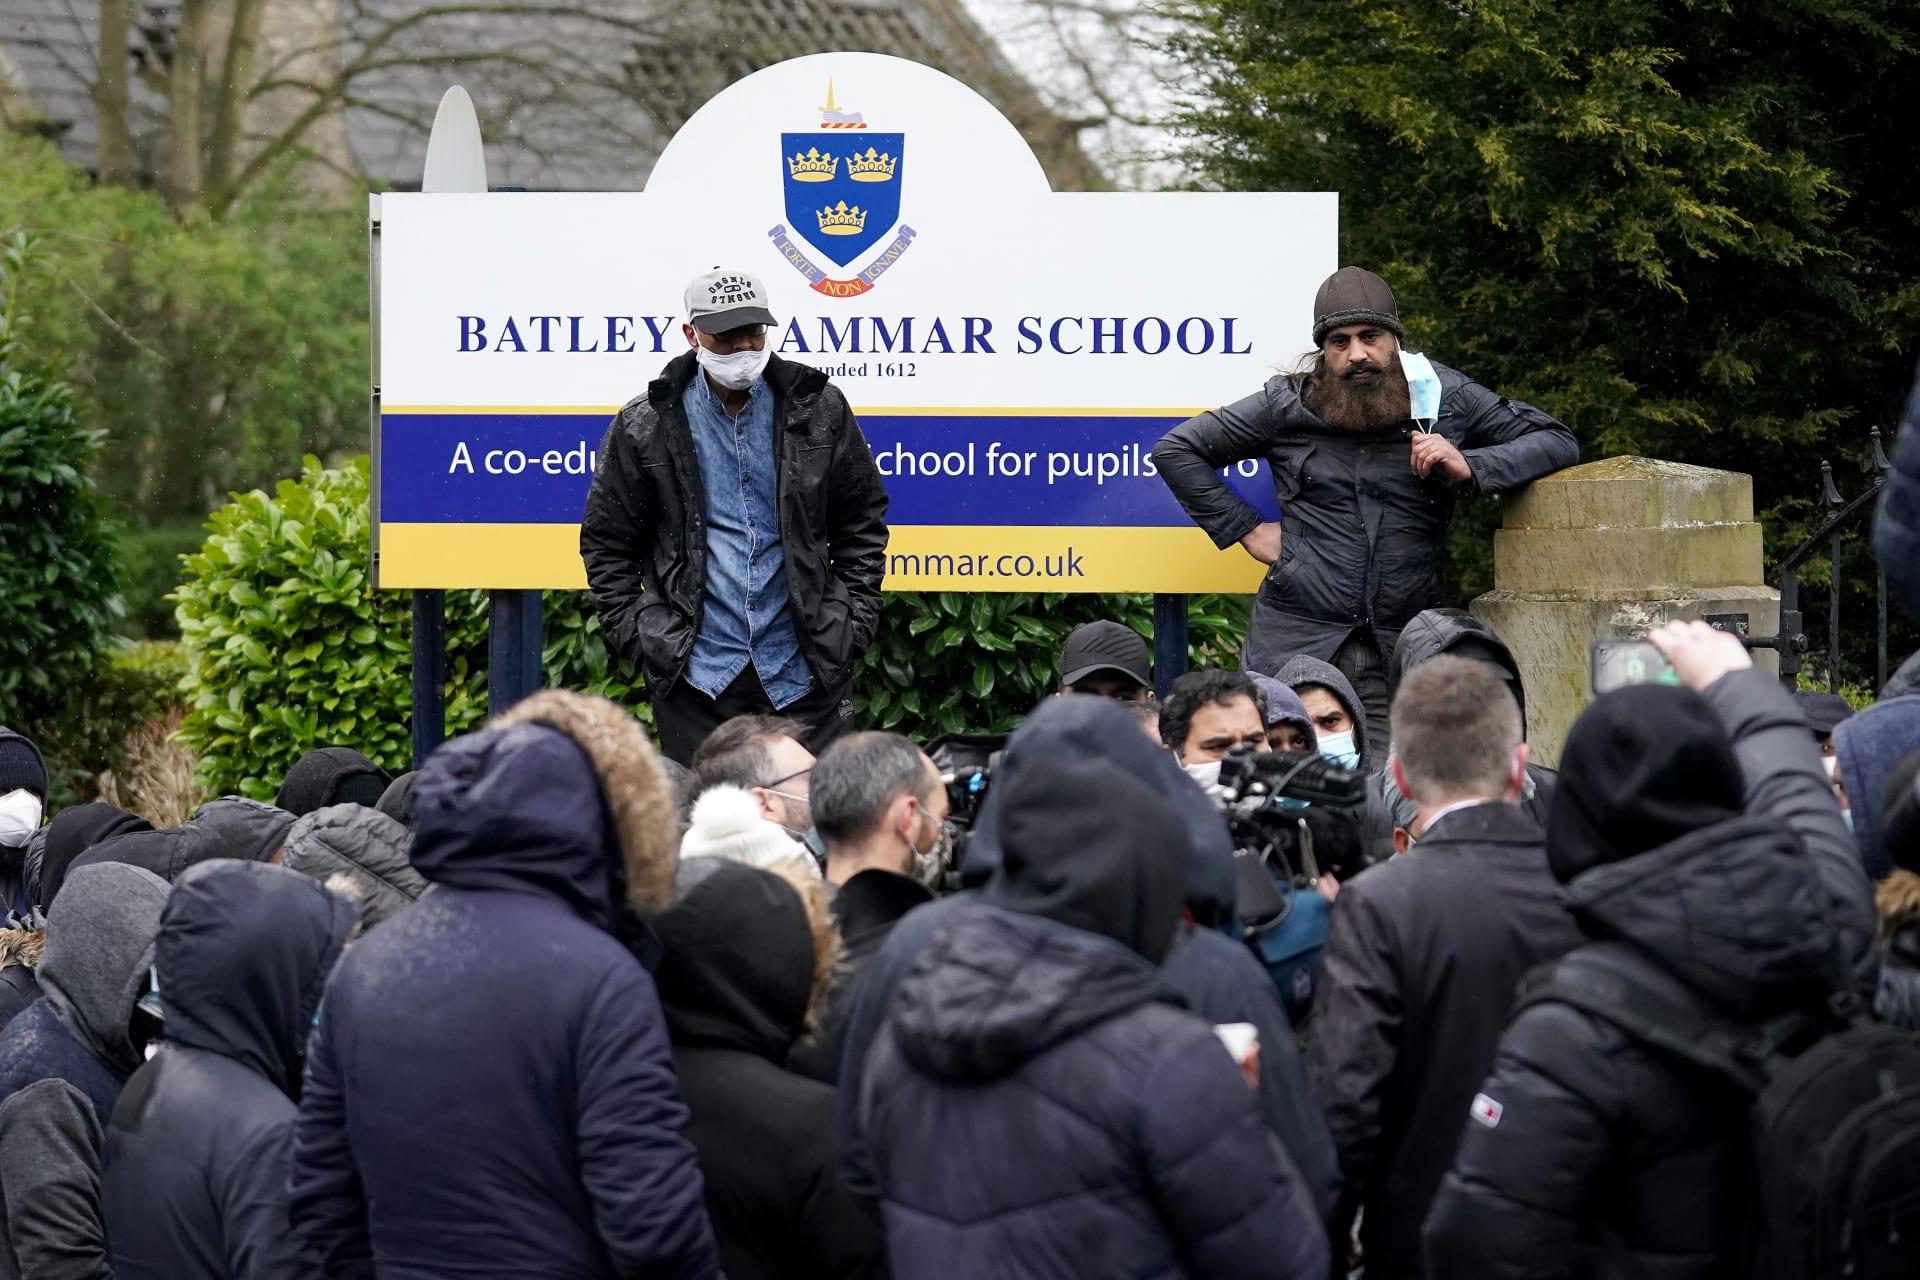 مدرسة بريطانية تثير جدلا بسبب رسوم كاريكاتورية للنبي محمد